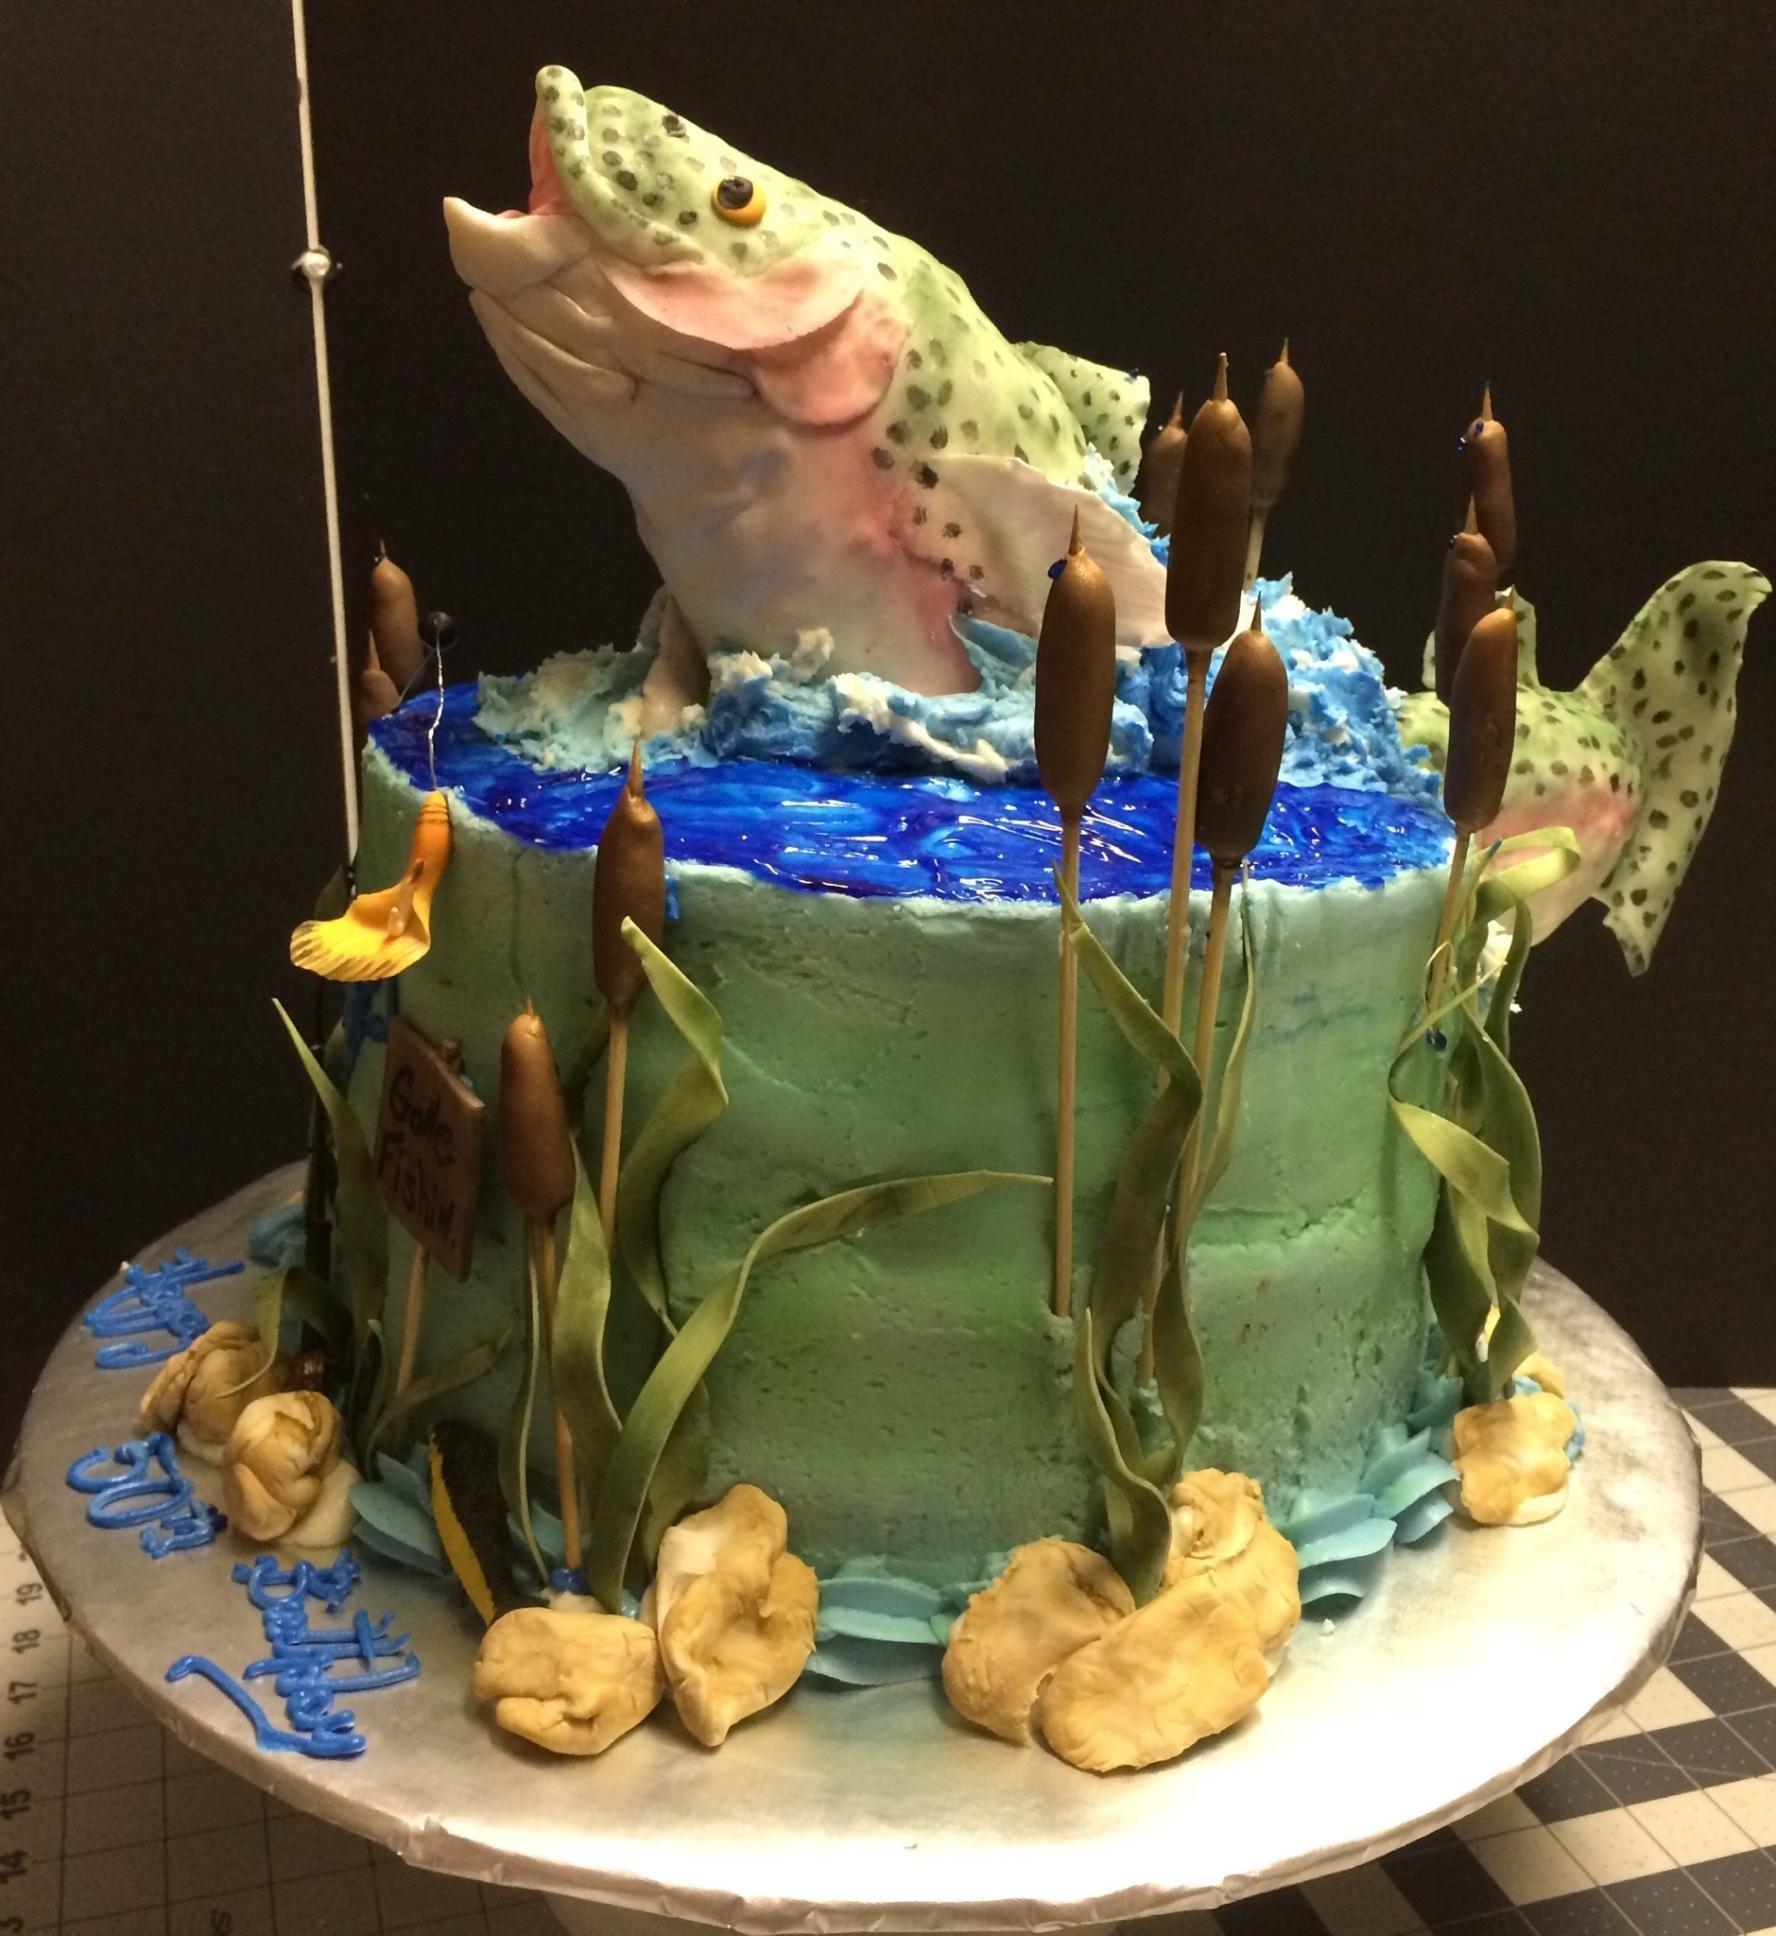 дроме фото тортов мужчине рыбаку на день рождения тип клещей есть